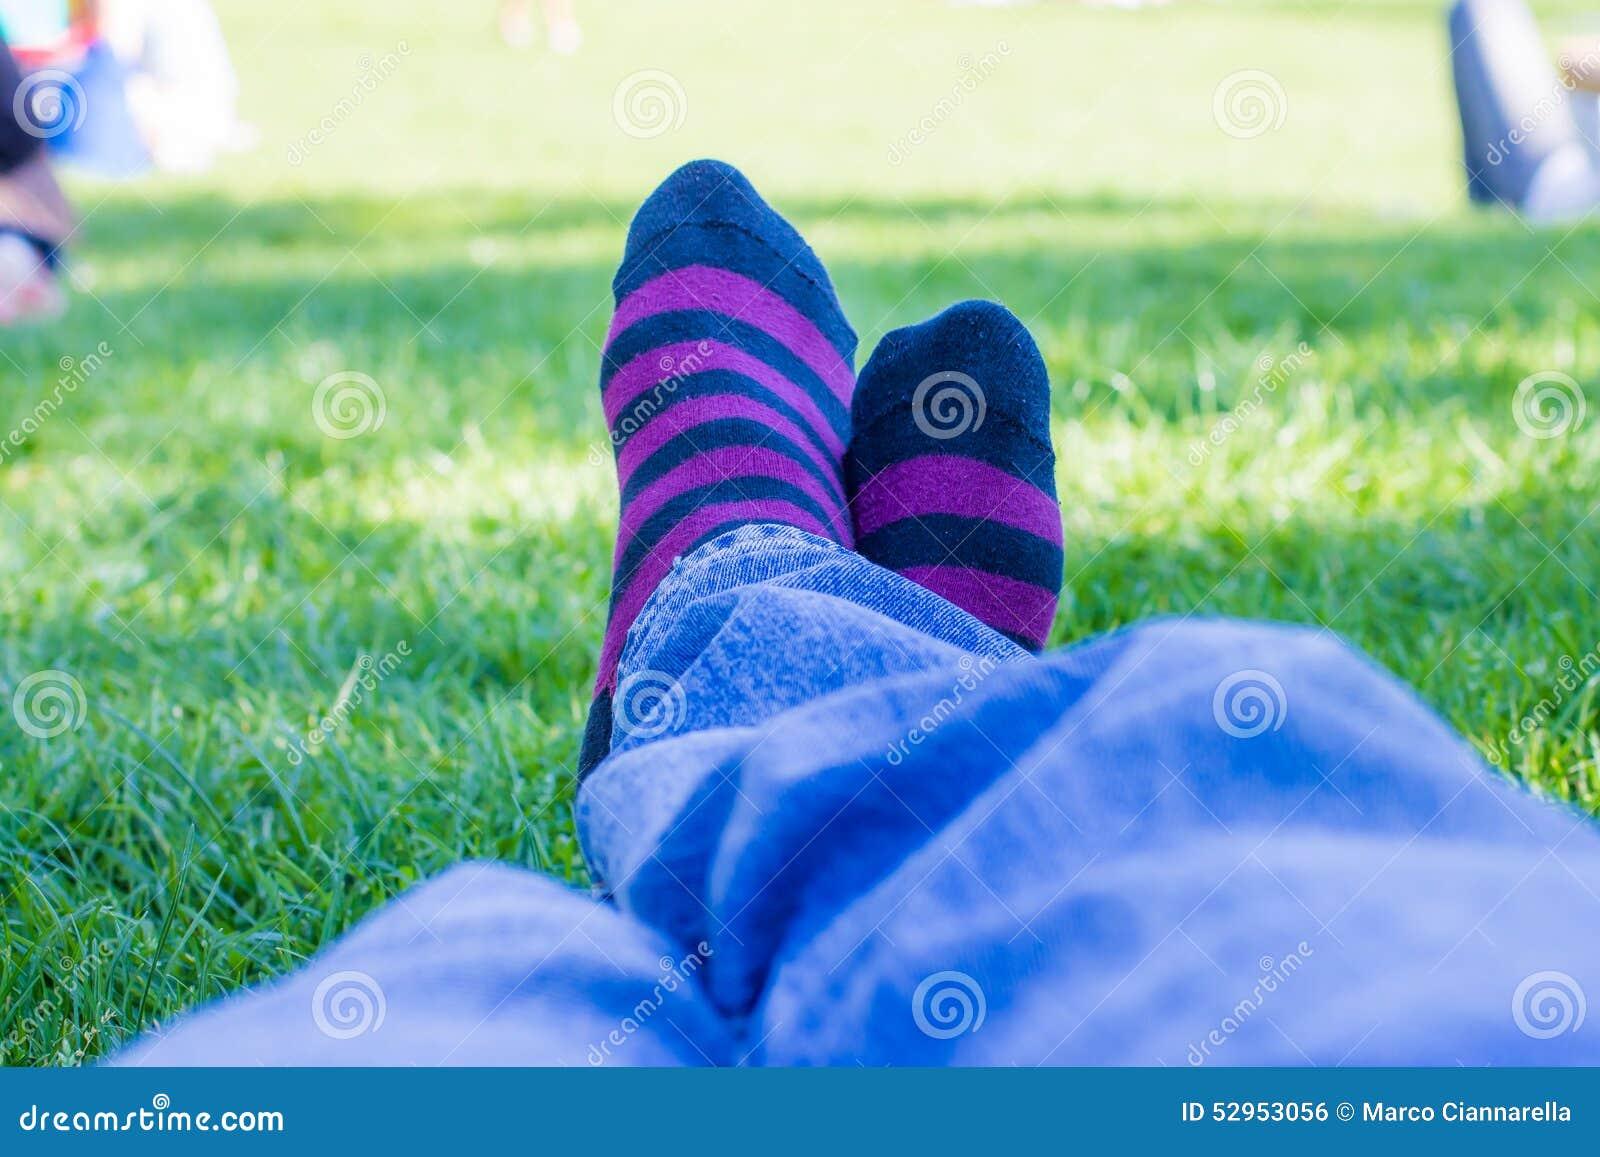 Gekleurde sokken van een tiener die in een park rust